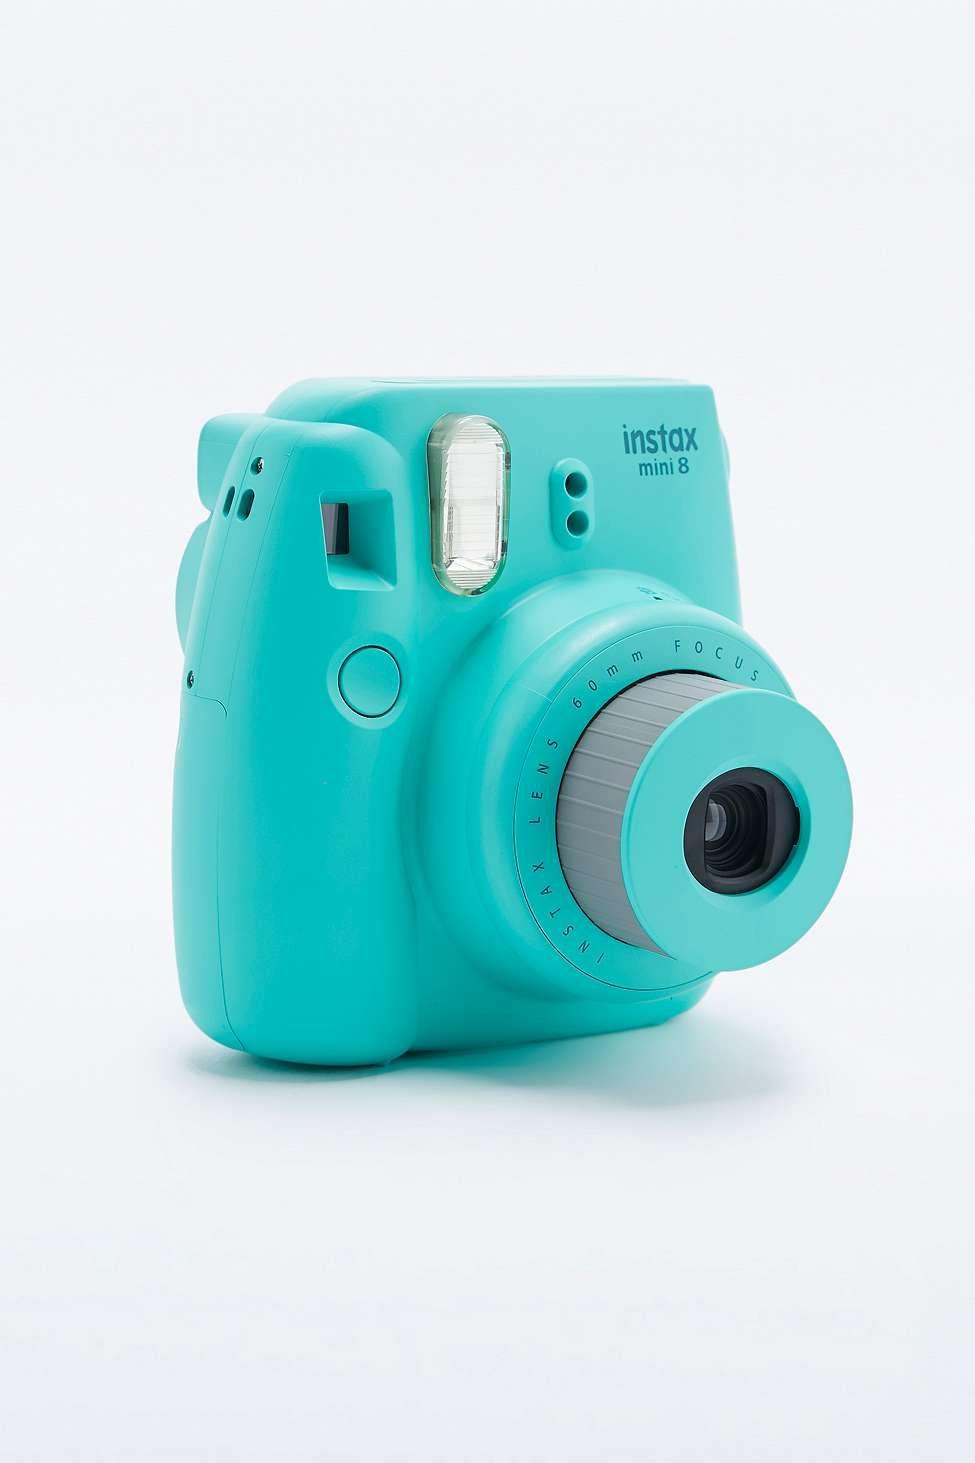 fujifilm appareil photo instax mini 8 cyan instax mini 8 camera fujifilm instax mini